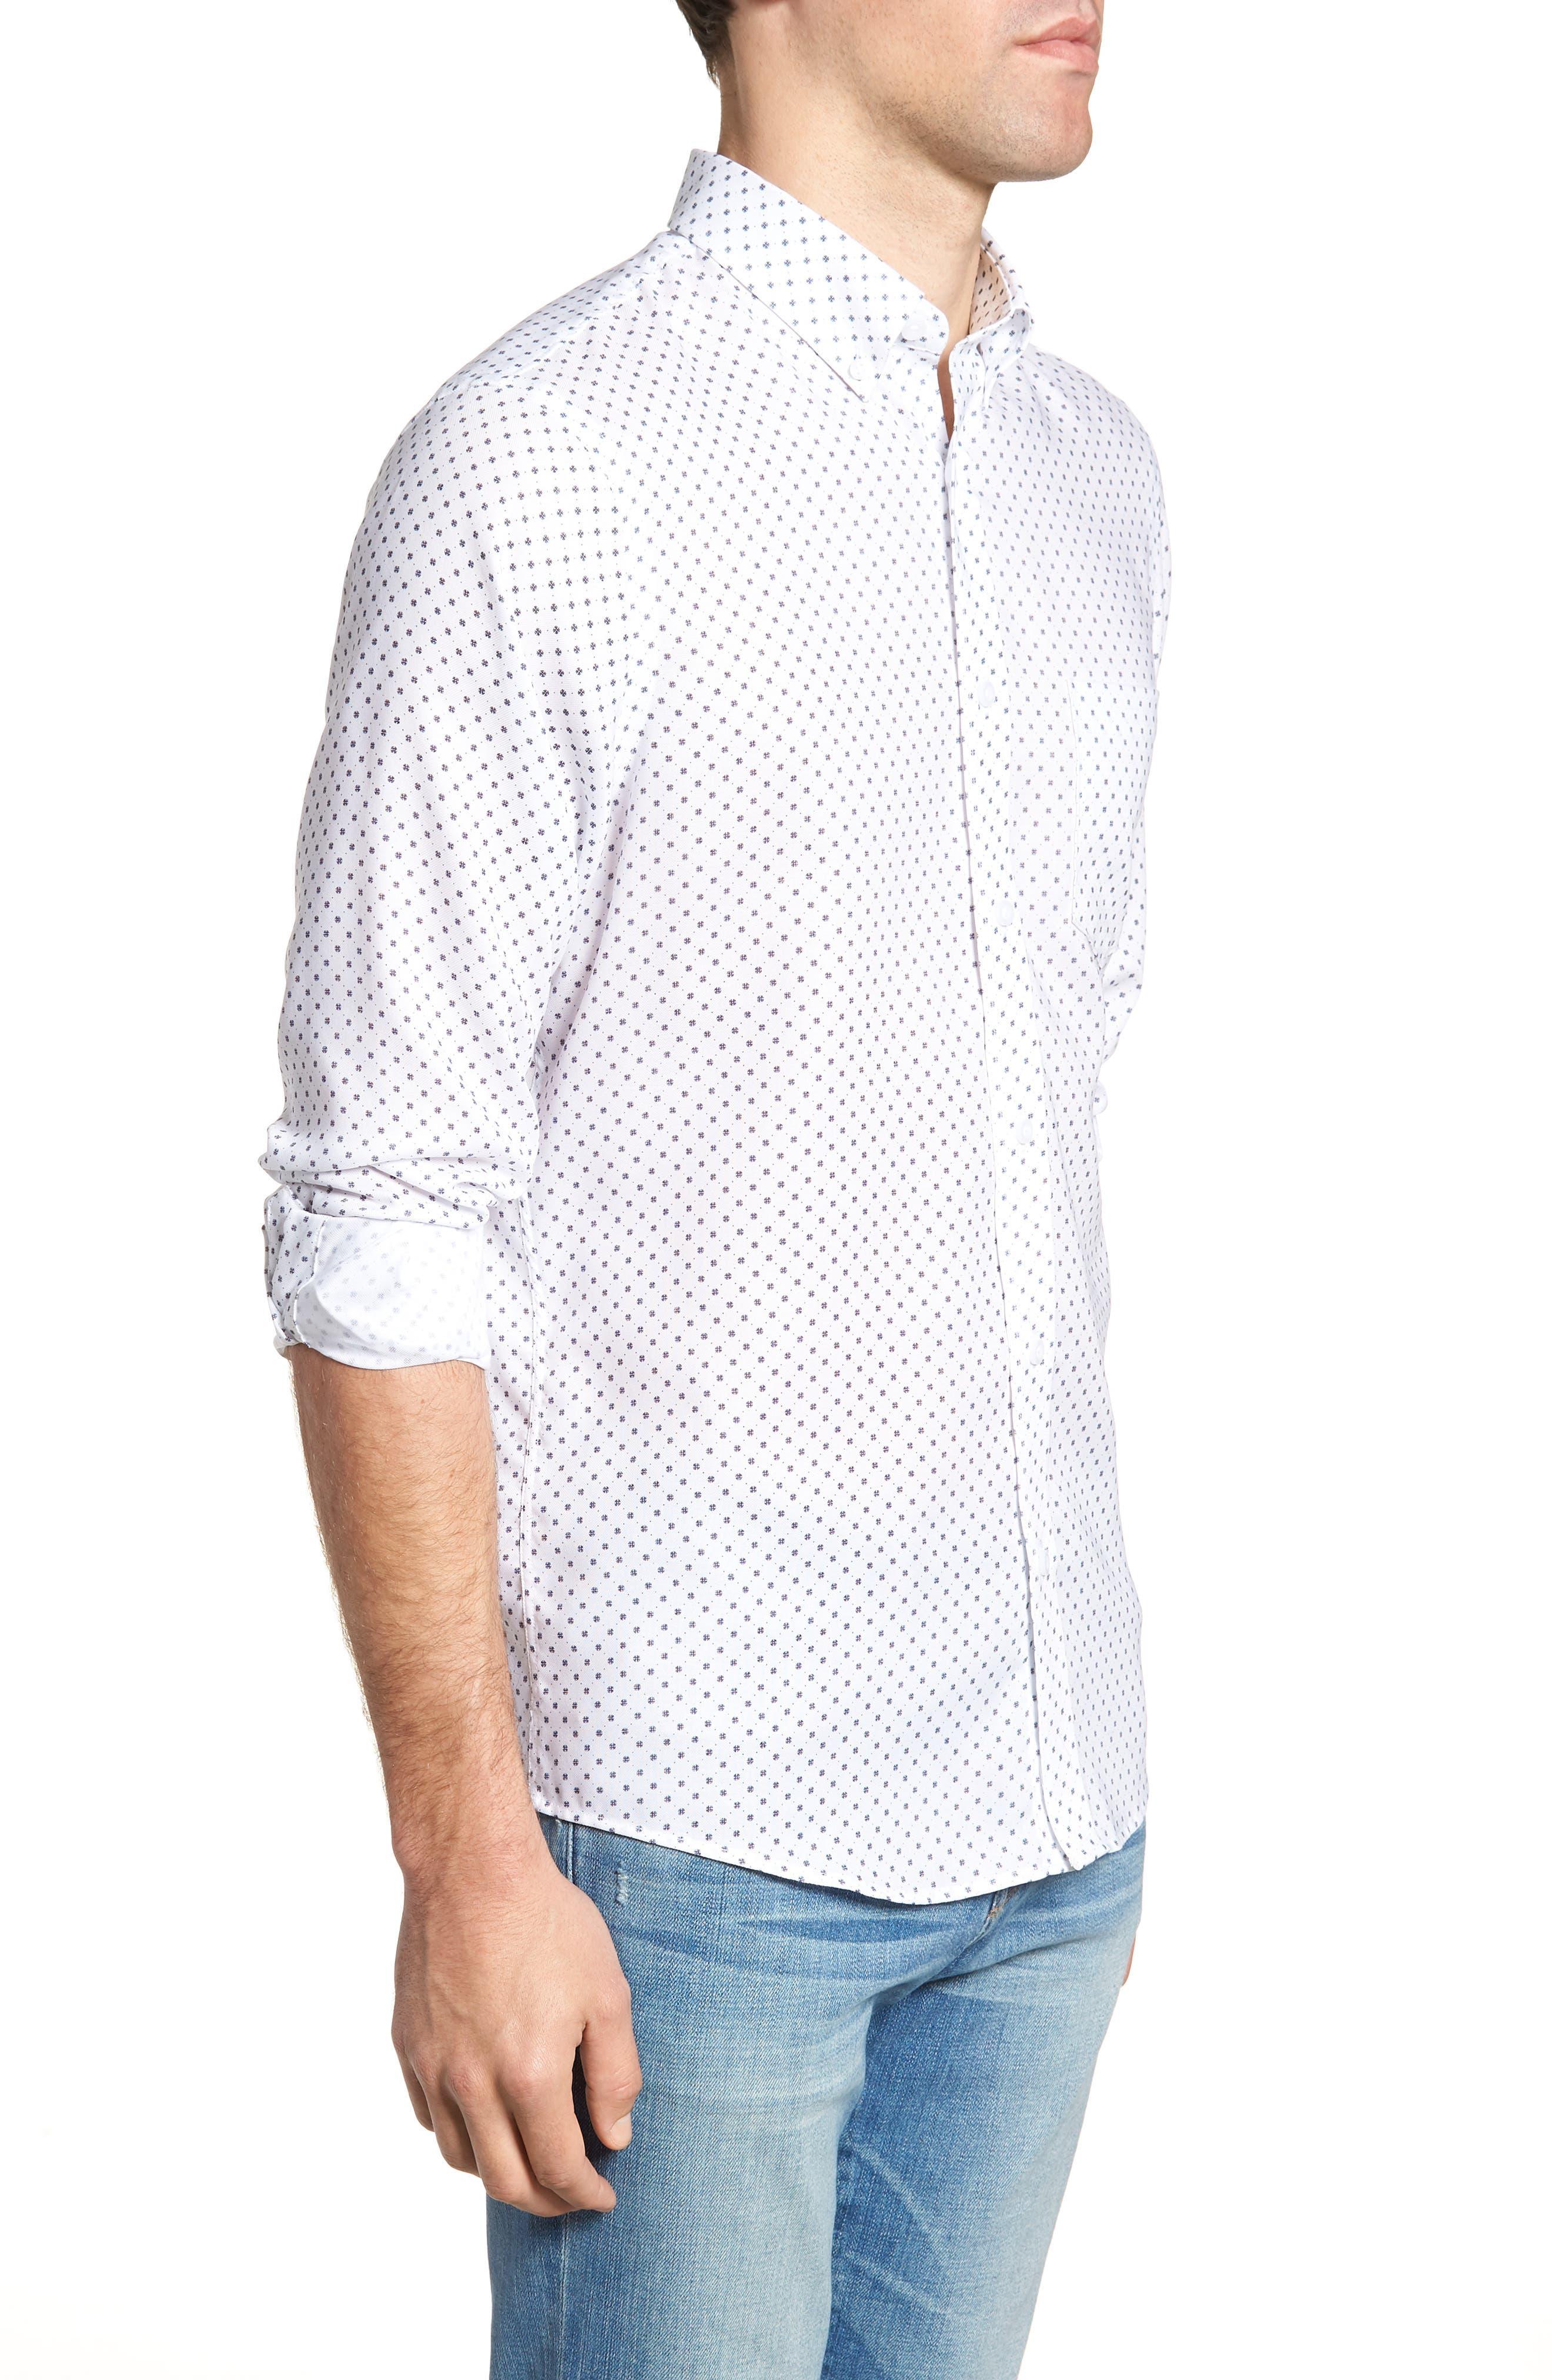 Regular Fit Dobby Print Sport Shirt,                             Alternate thumbnail 4, color,                             White Navy Dobby Print